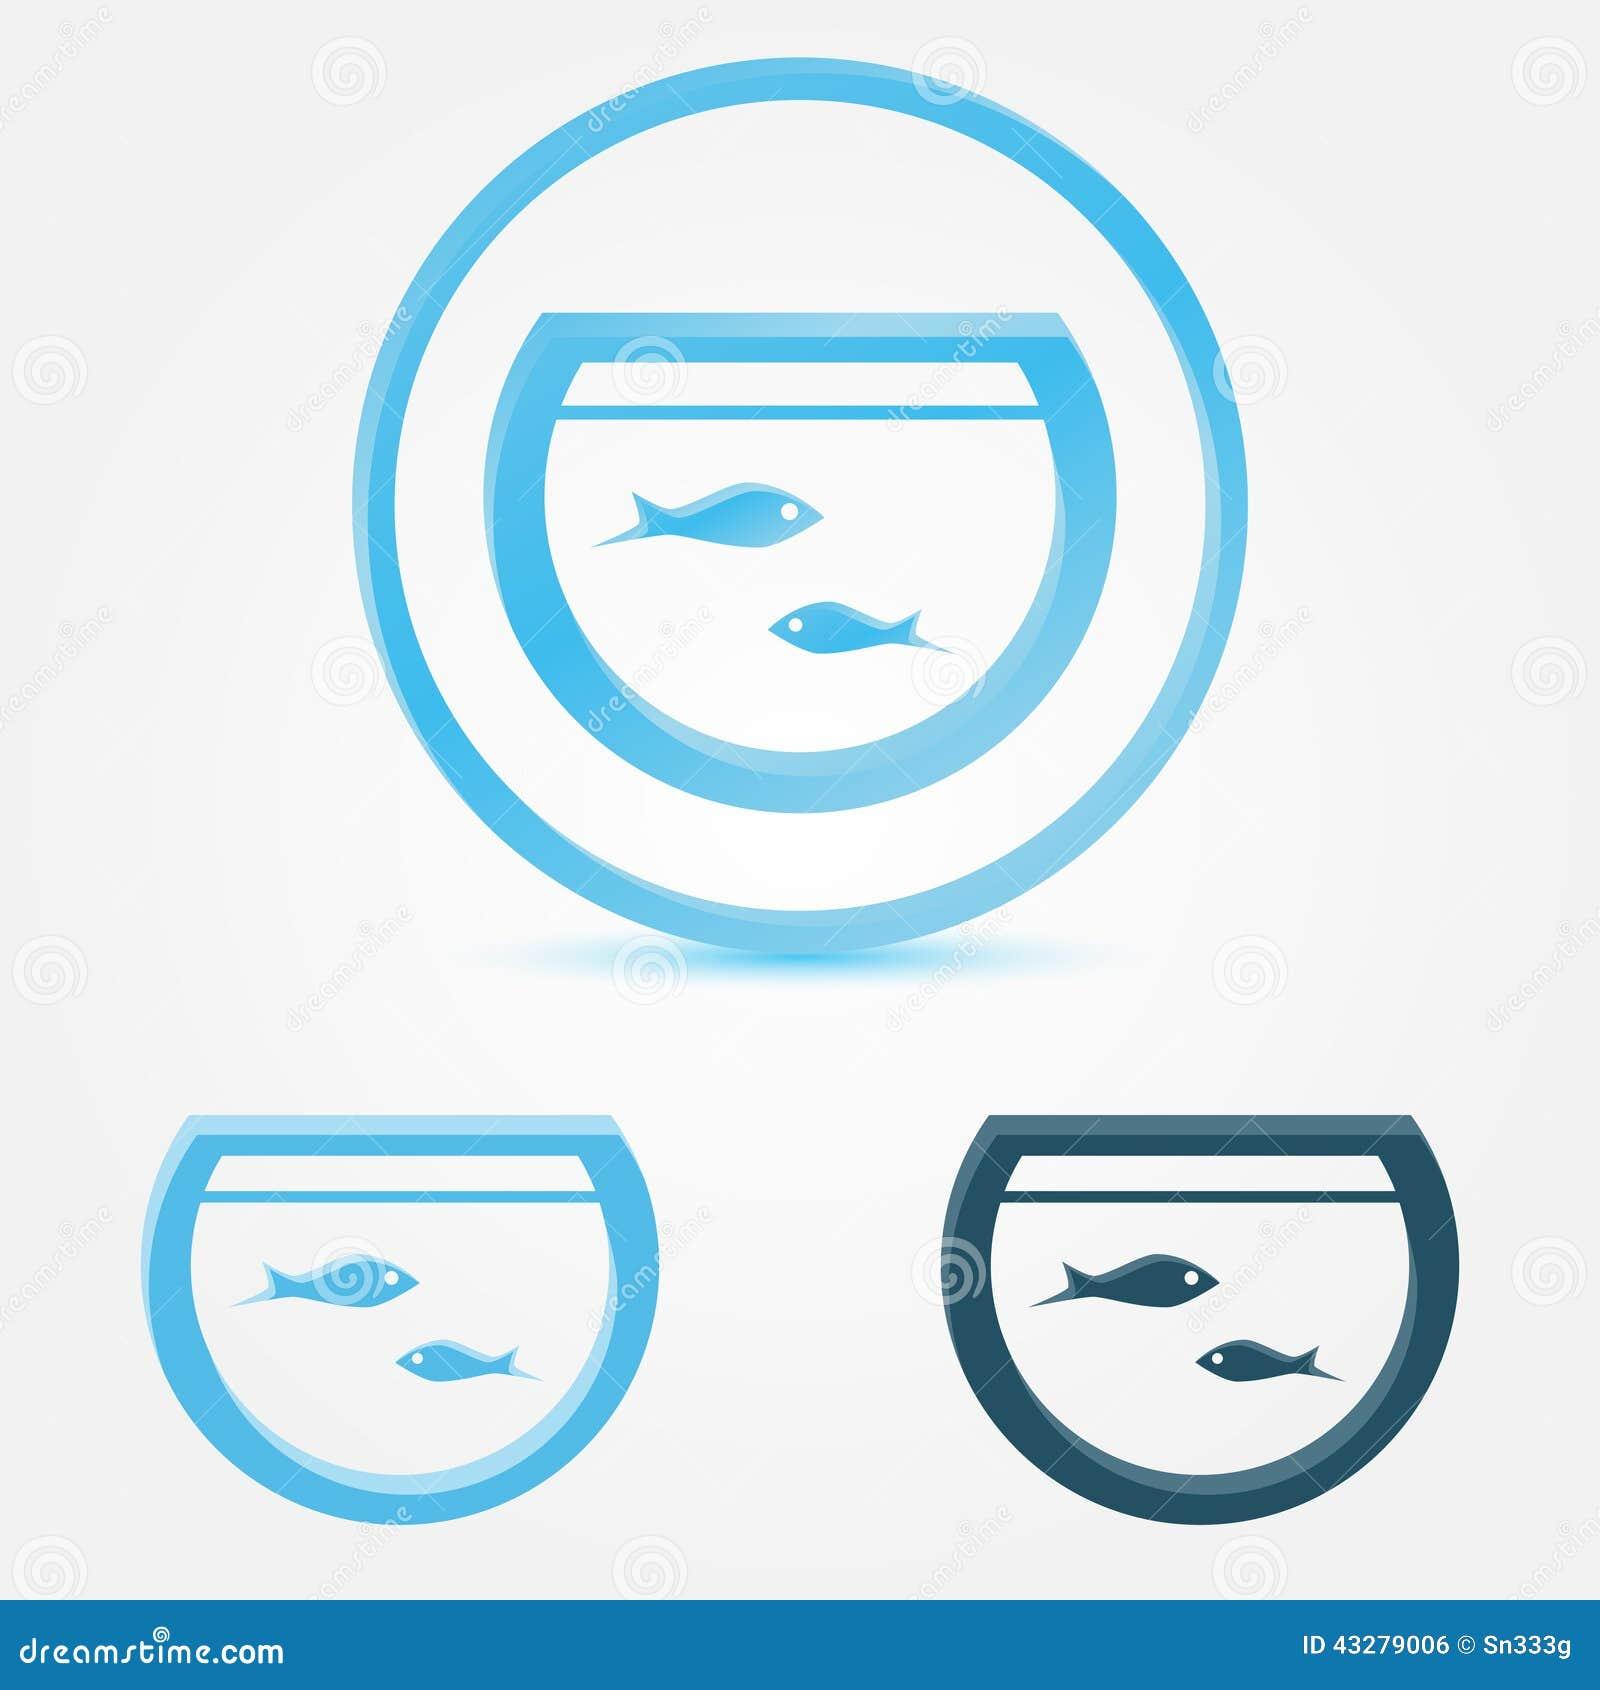 Aquarium fish tank download - Vector Aquarium Fish Tank Icon